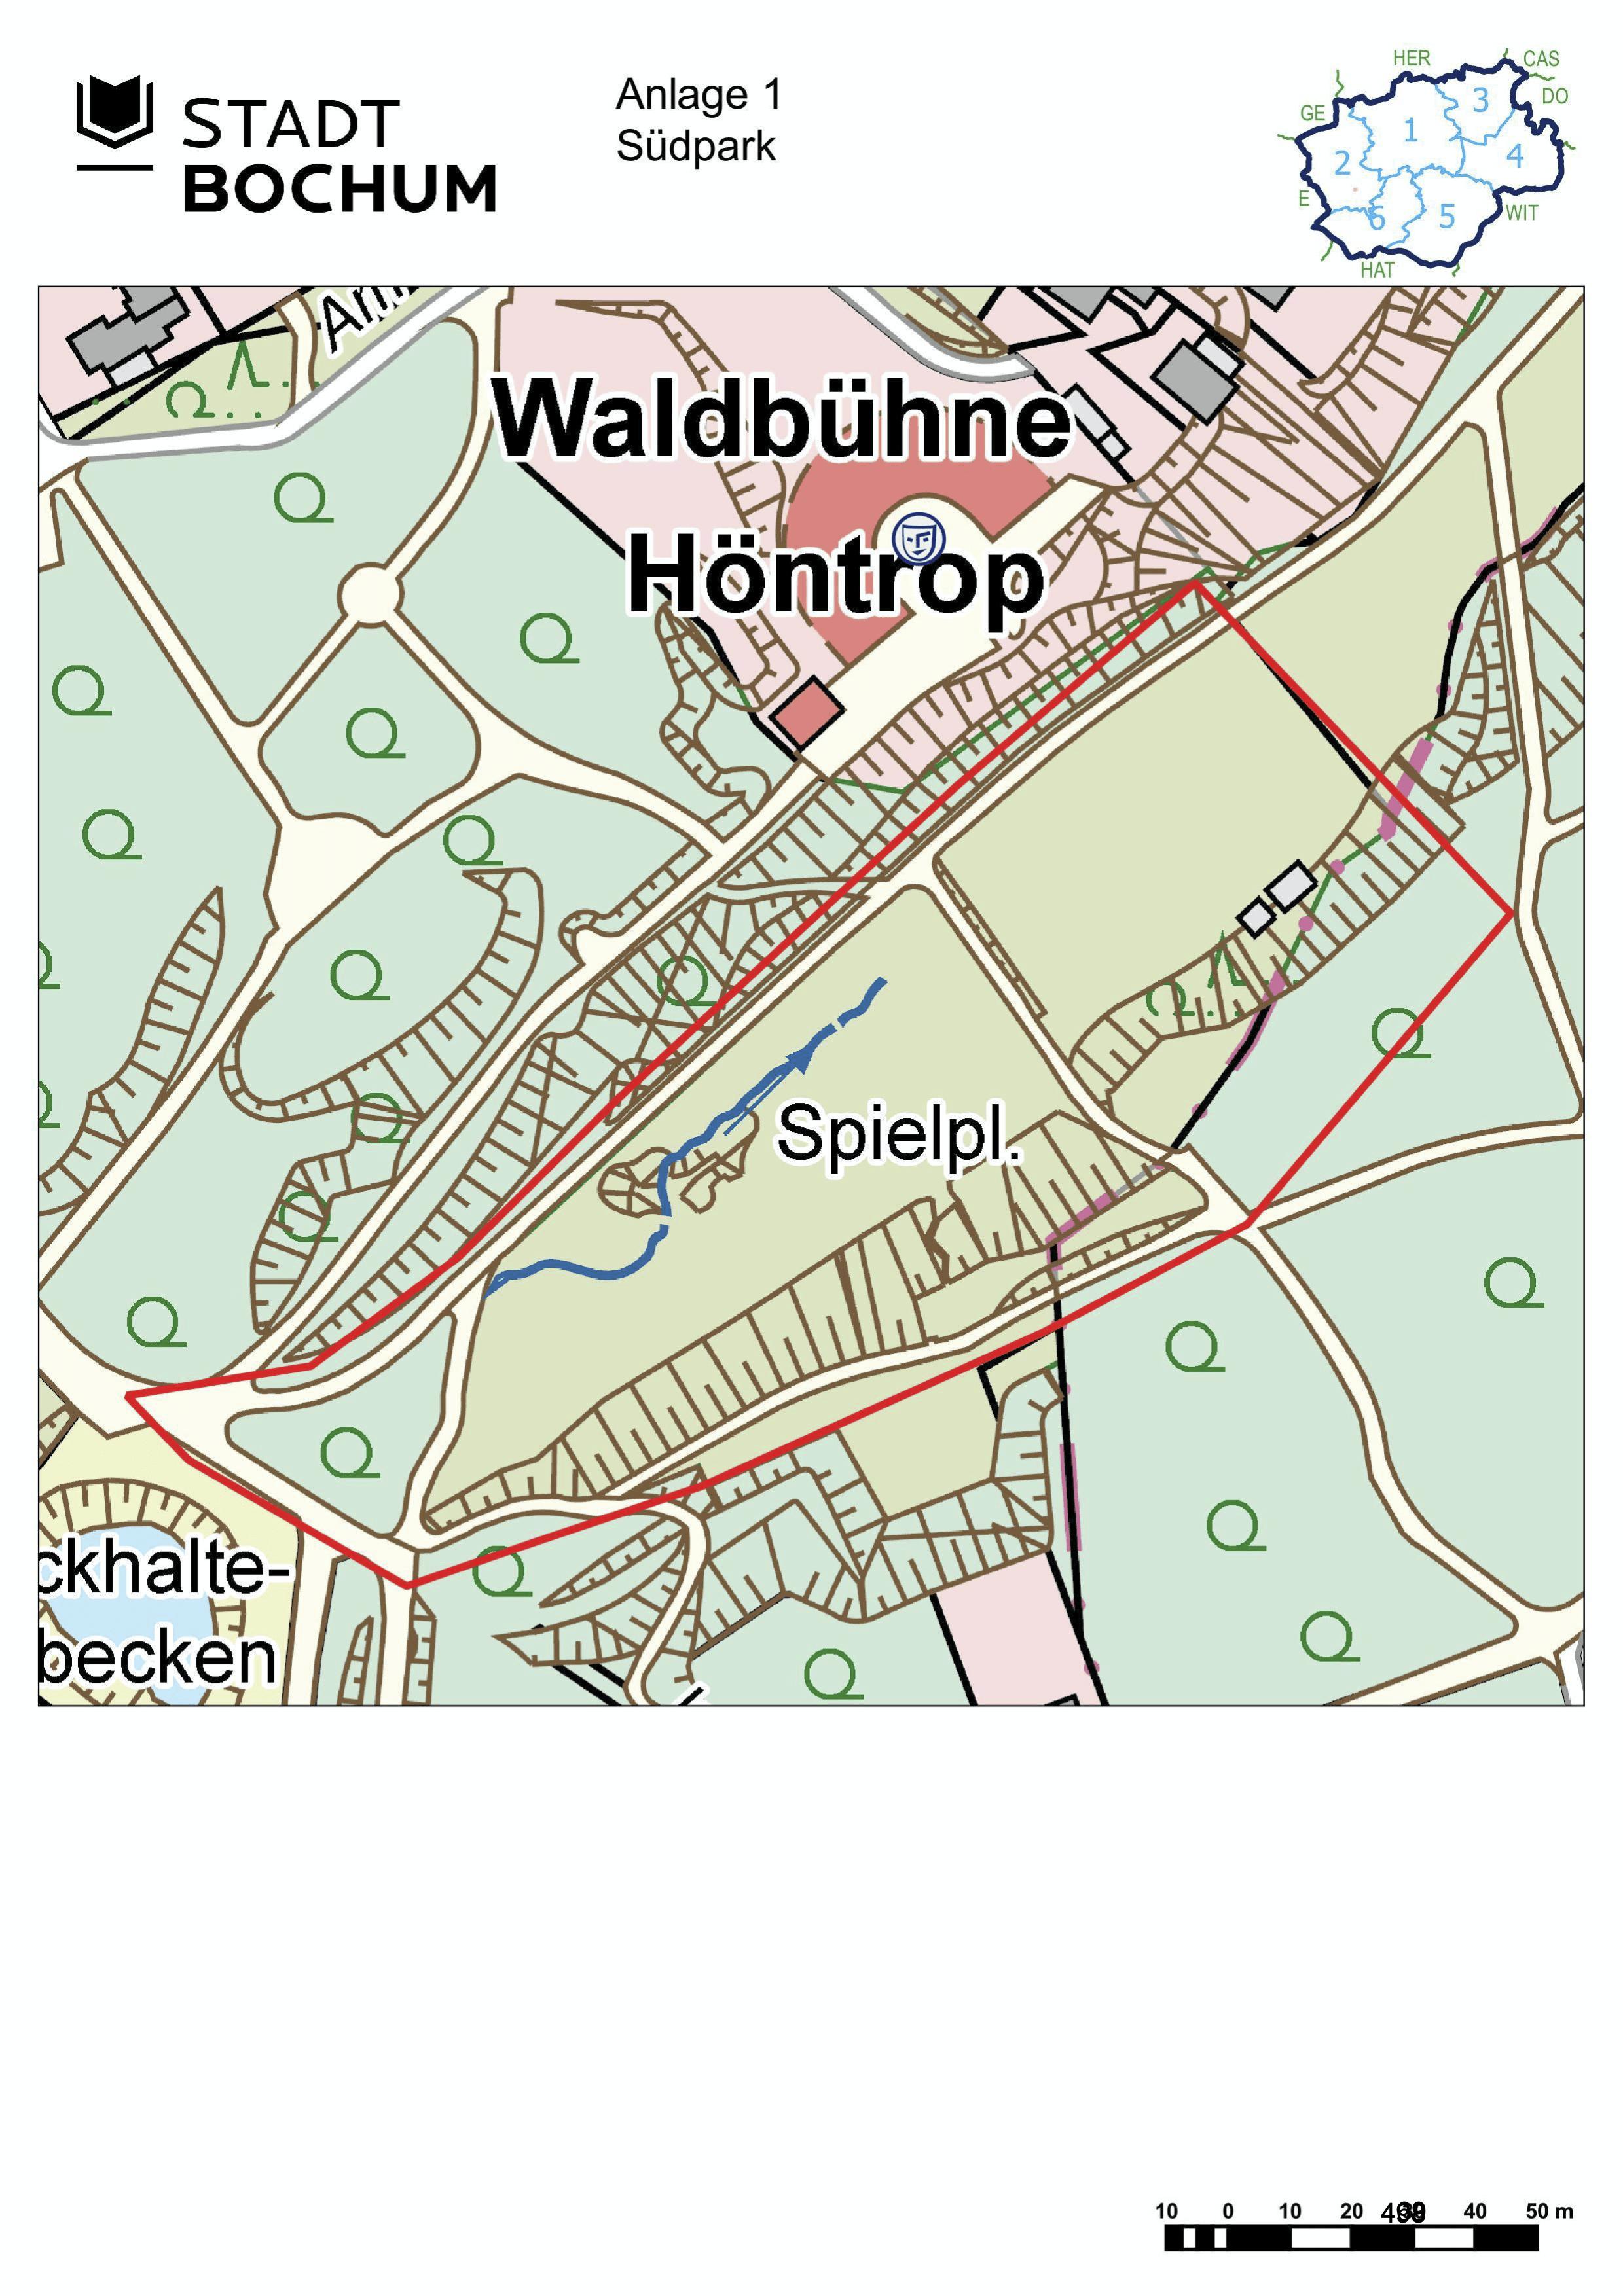 Anlage 1 (Südpark) der Sonderausgabe des Amtsblatts (28/2021)